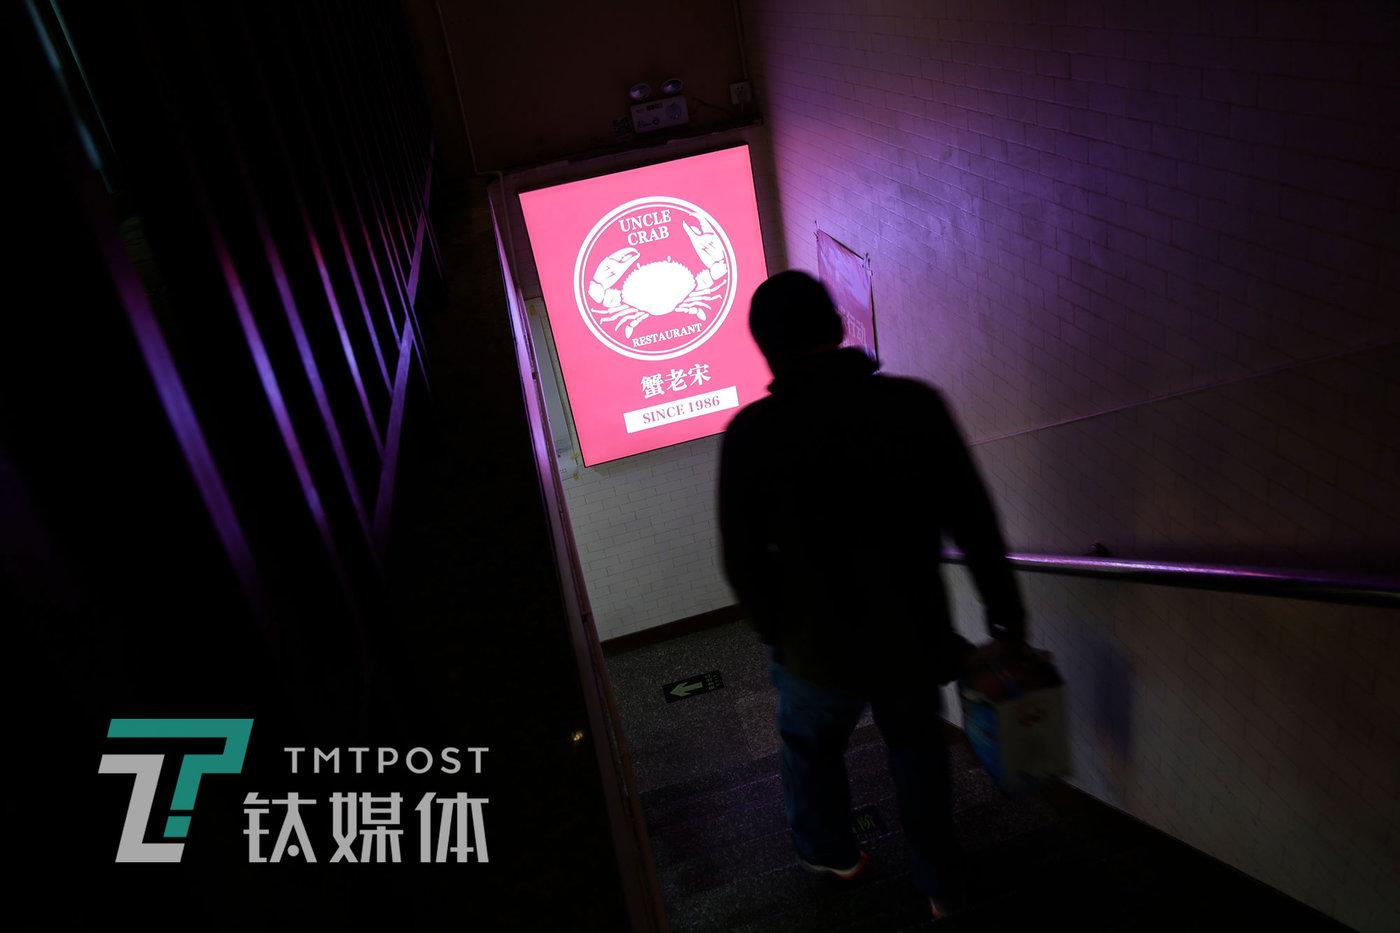 4月4日,北京,蟹老宋餐厅内打包外食的客人。